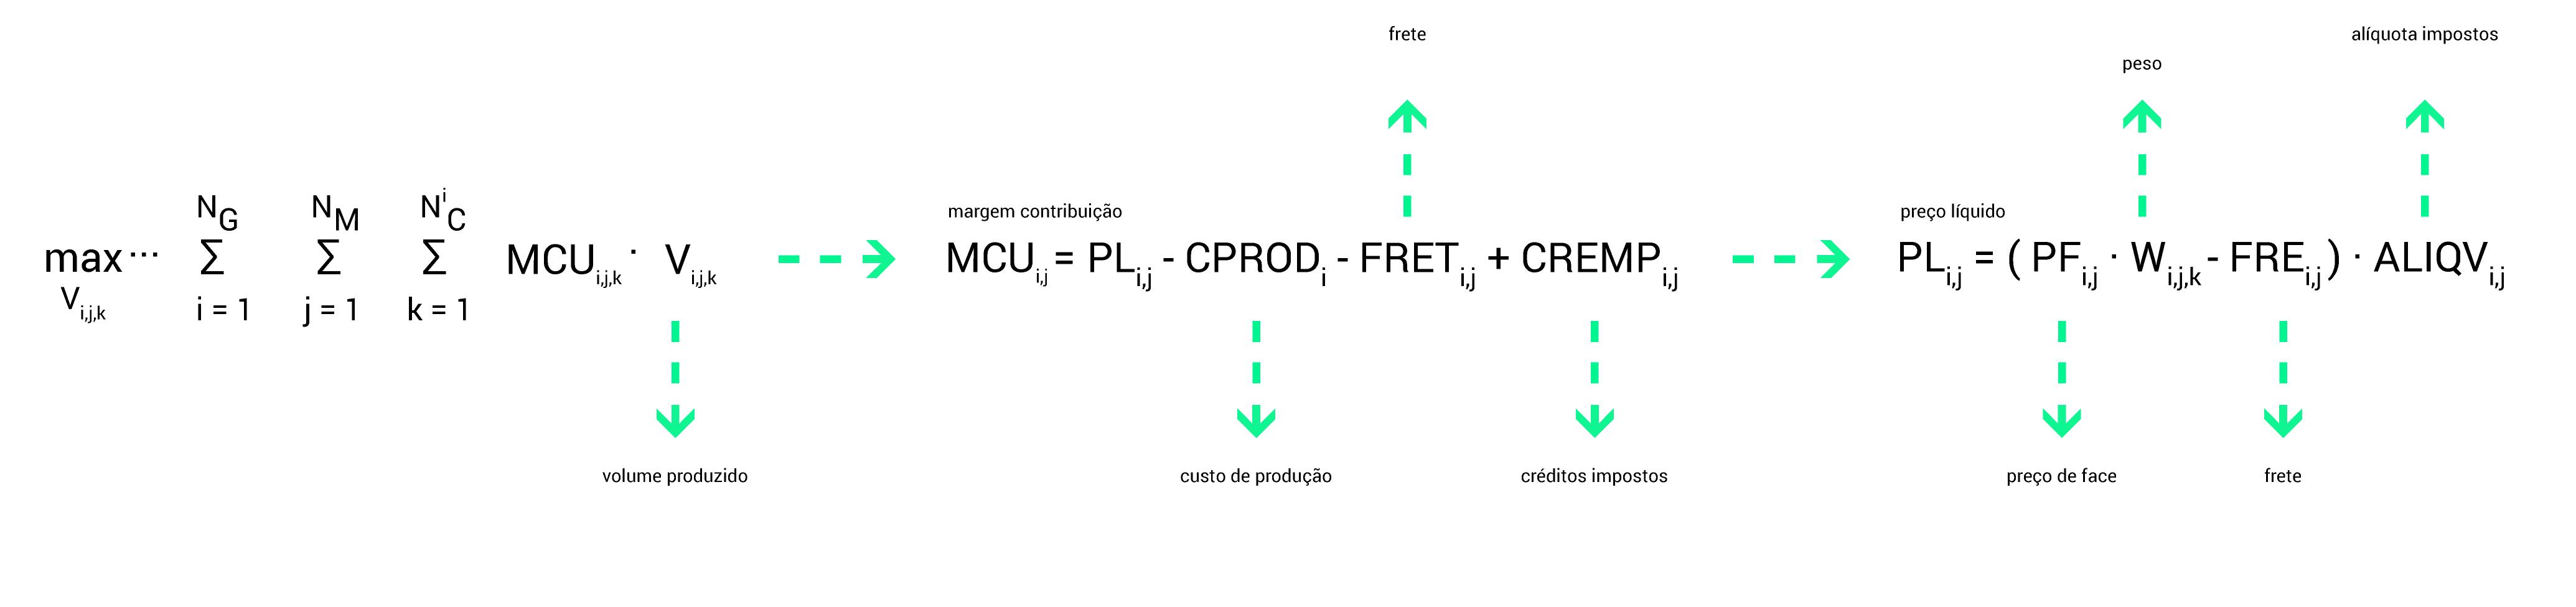 Planejamento de Produção Braskem